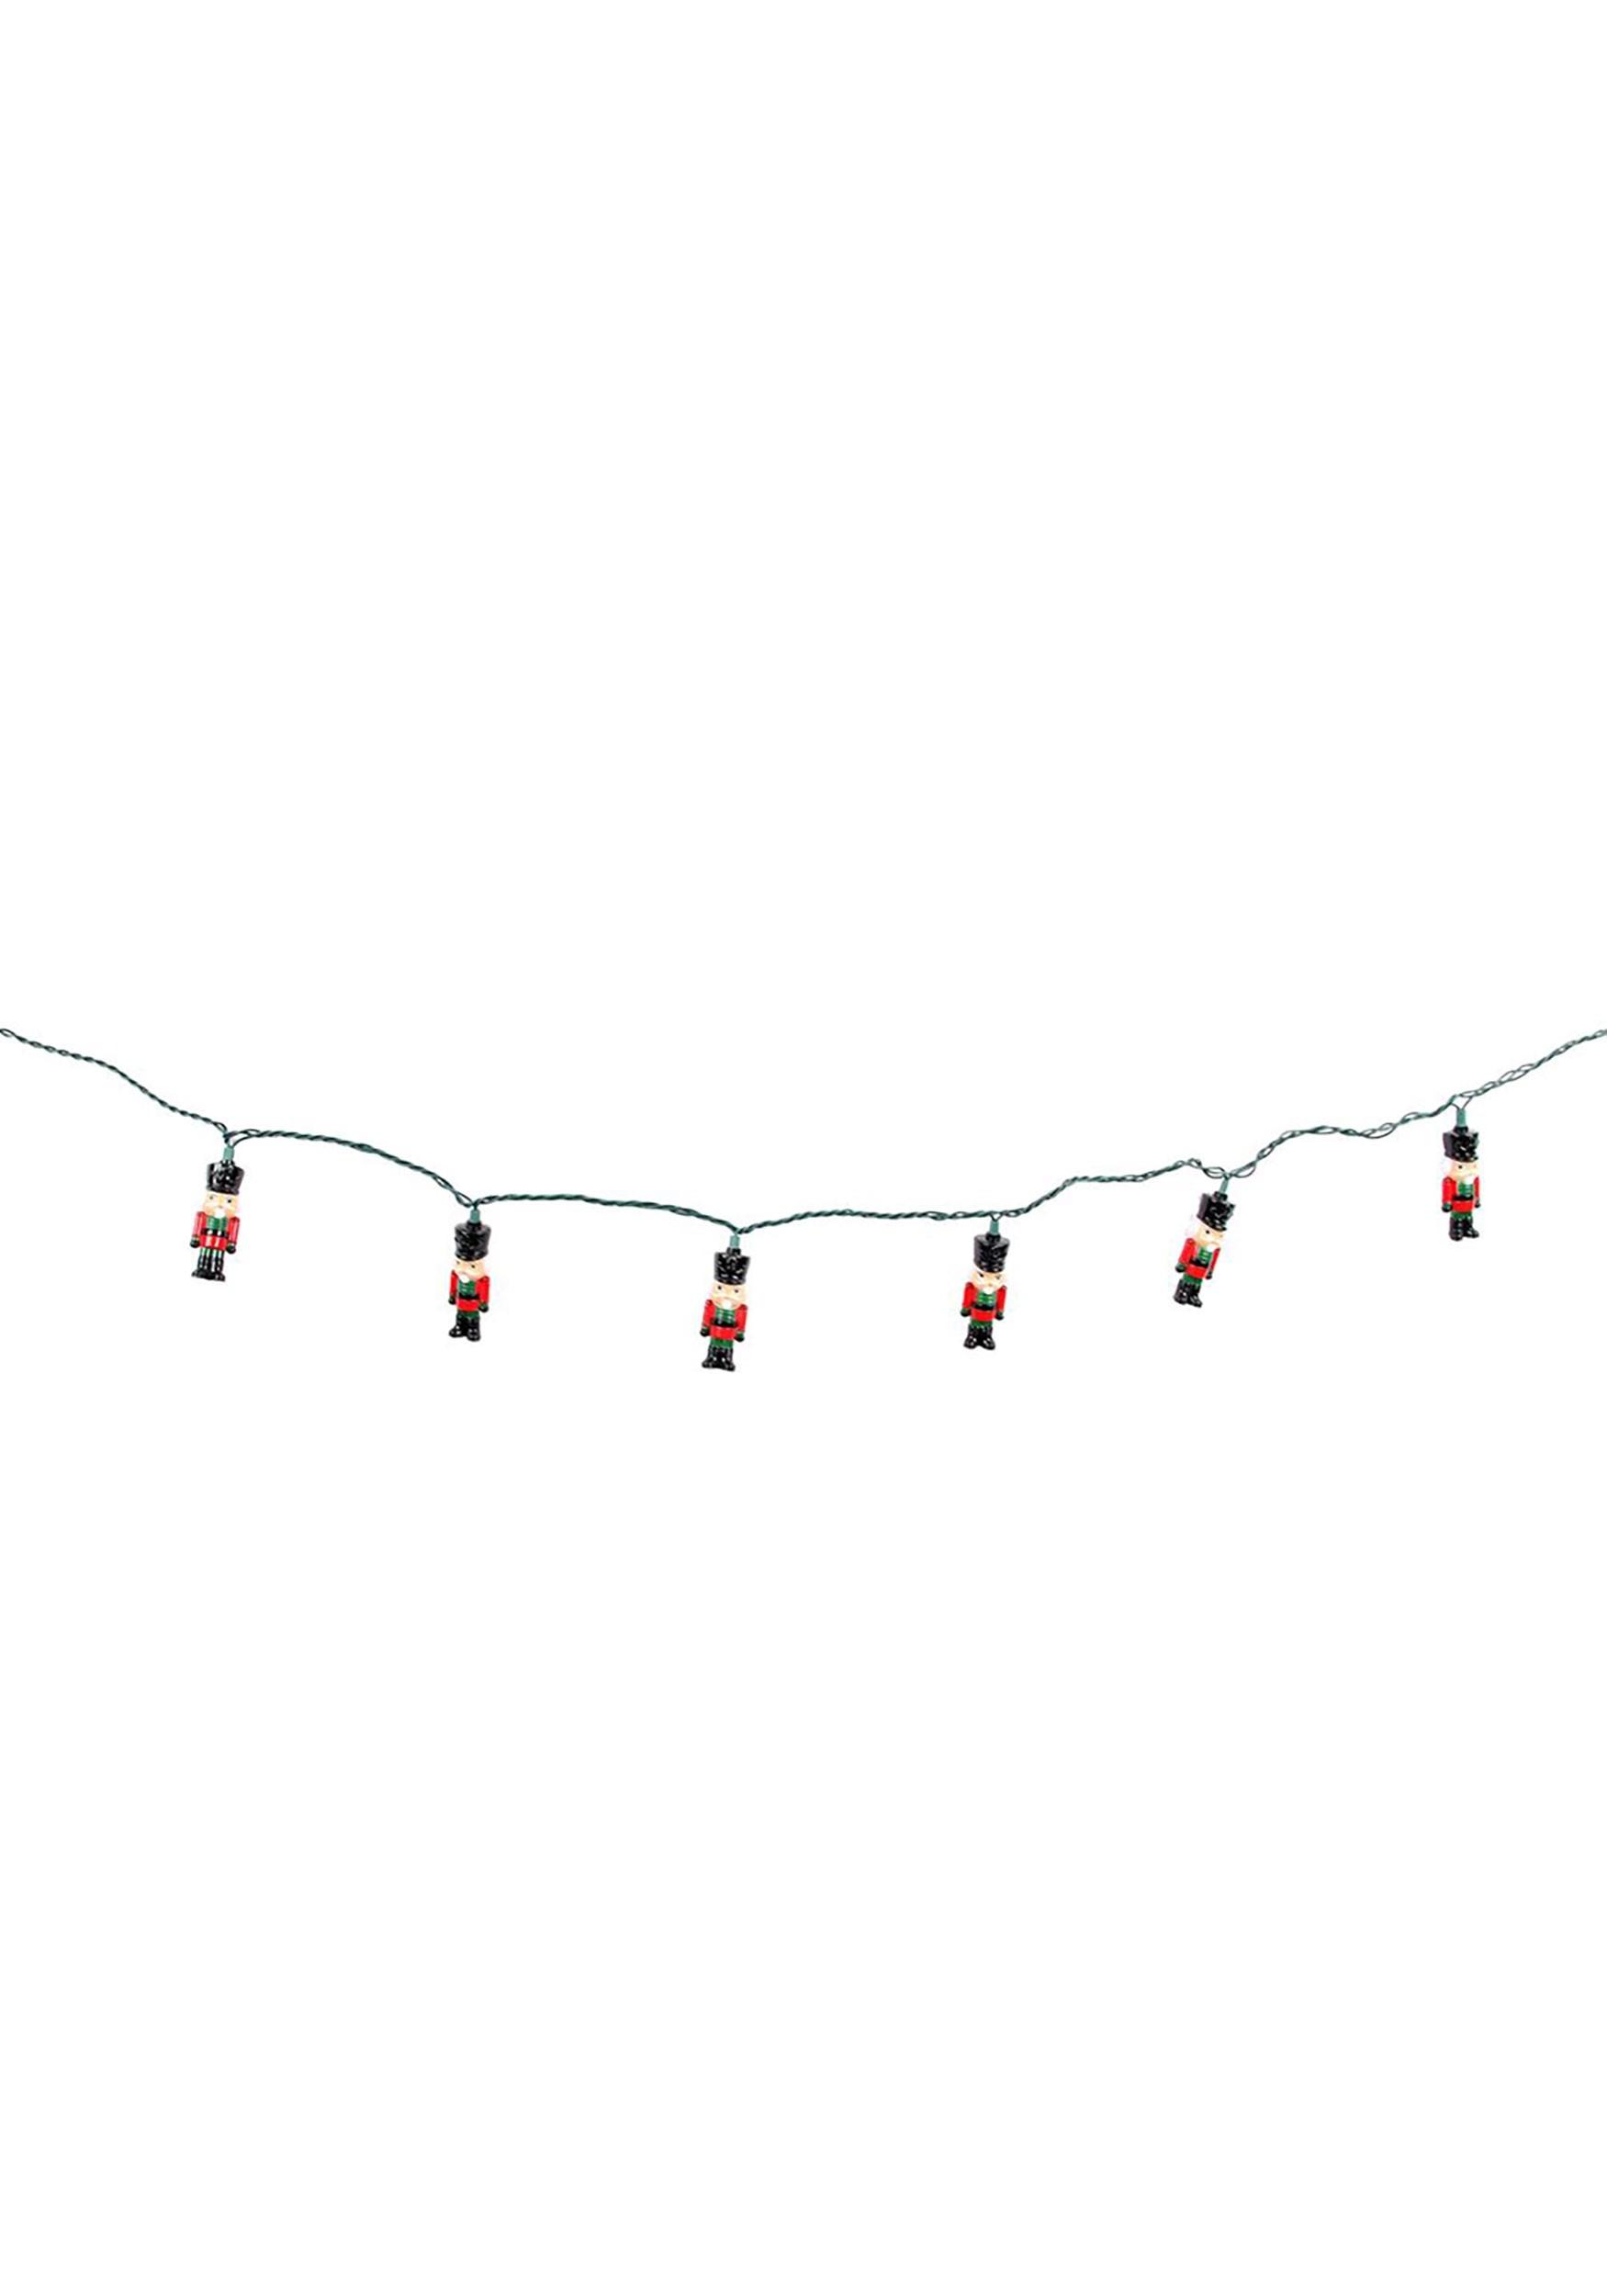 10 String Nutcracker Lights